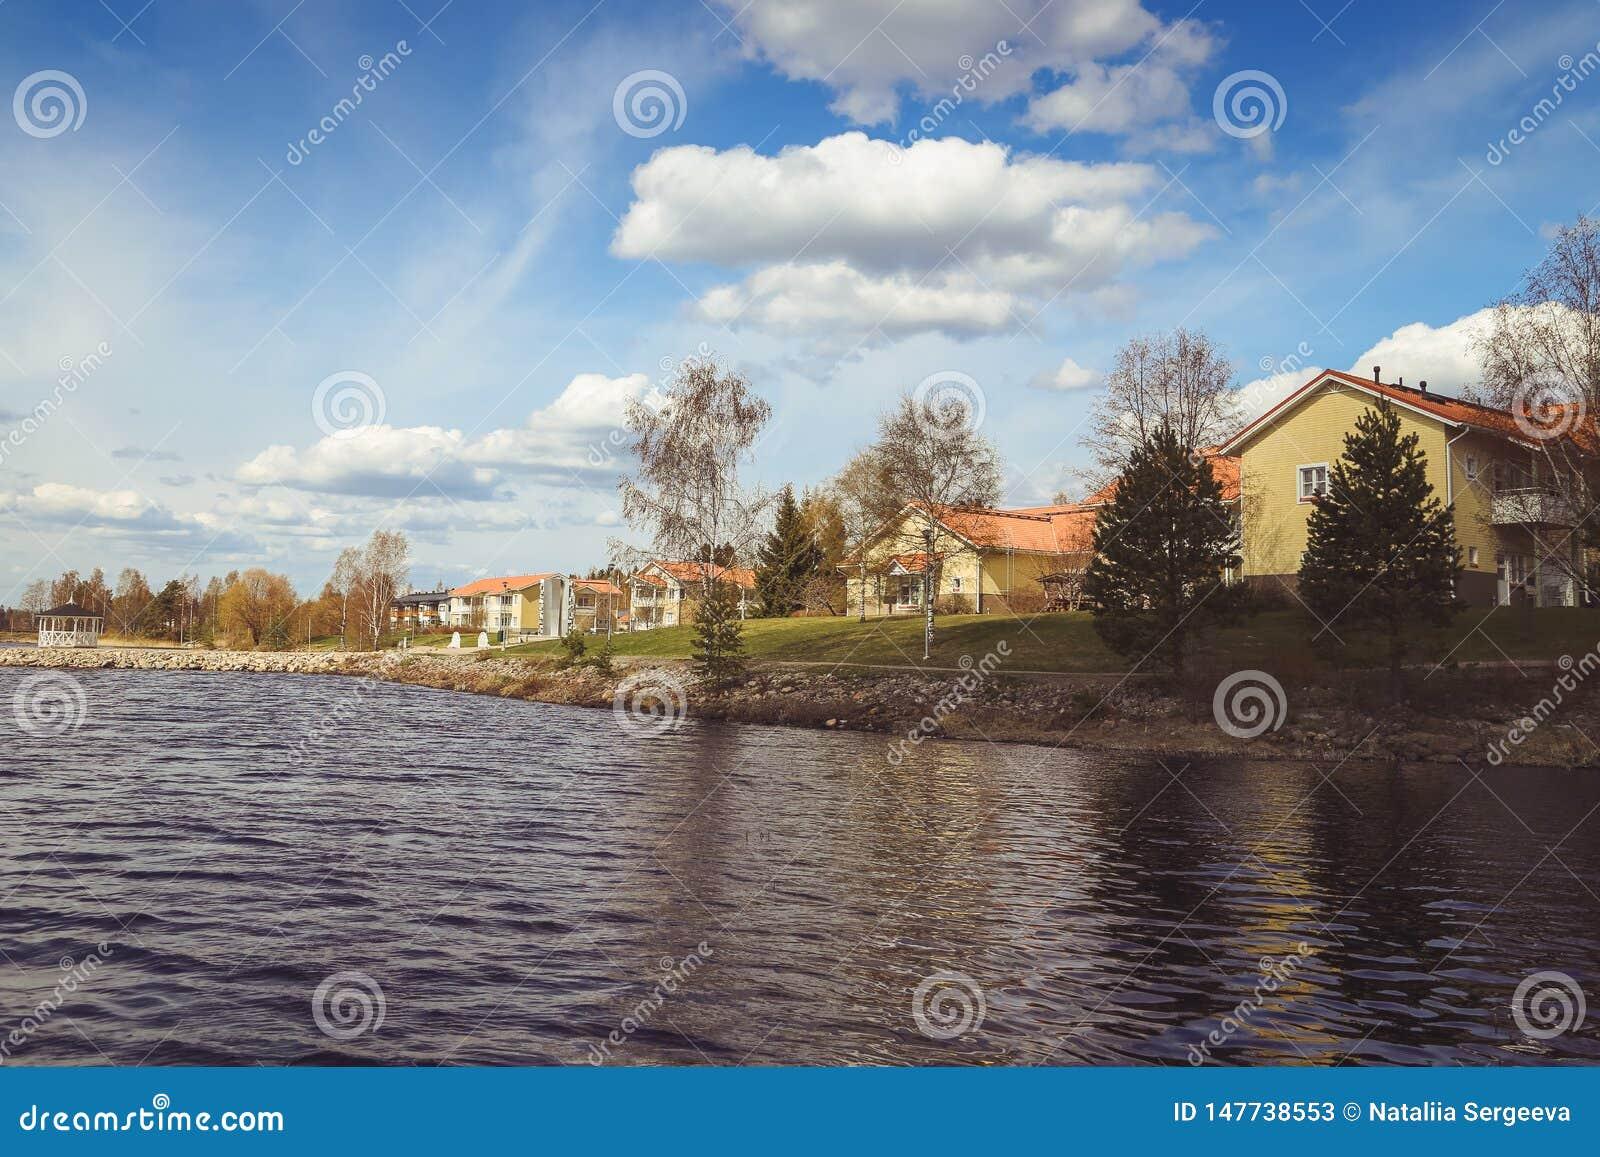 Όμορφες απόψεις της λίμνης, των σπιτιών, της σημύδας και του δασικού φινλανδικού τοπίου Λίμνες και κοιλάδες Θερινή άποψη της Καρε